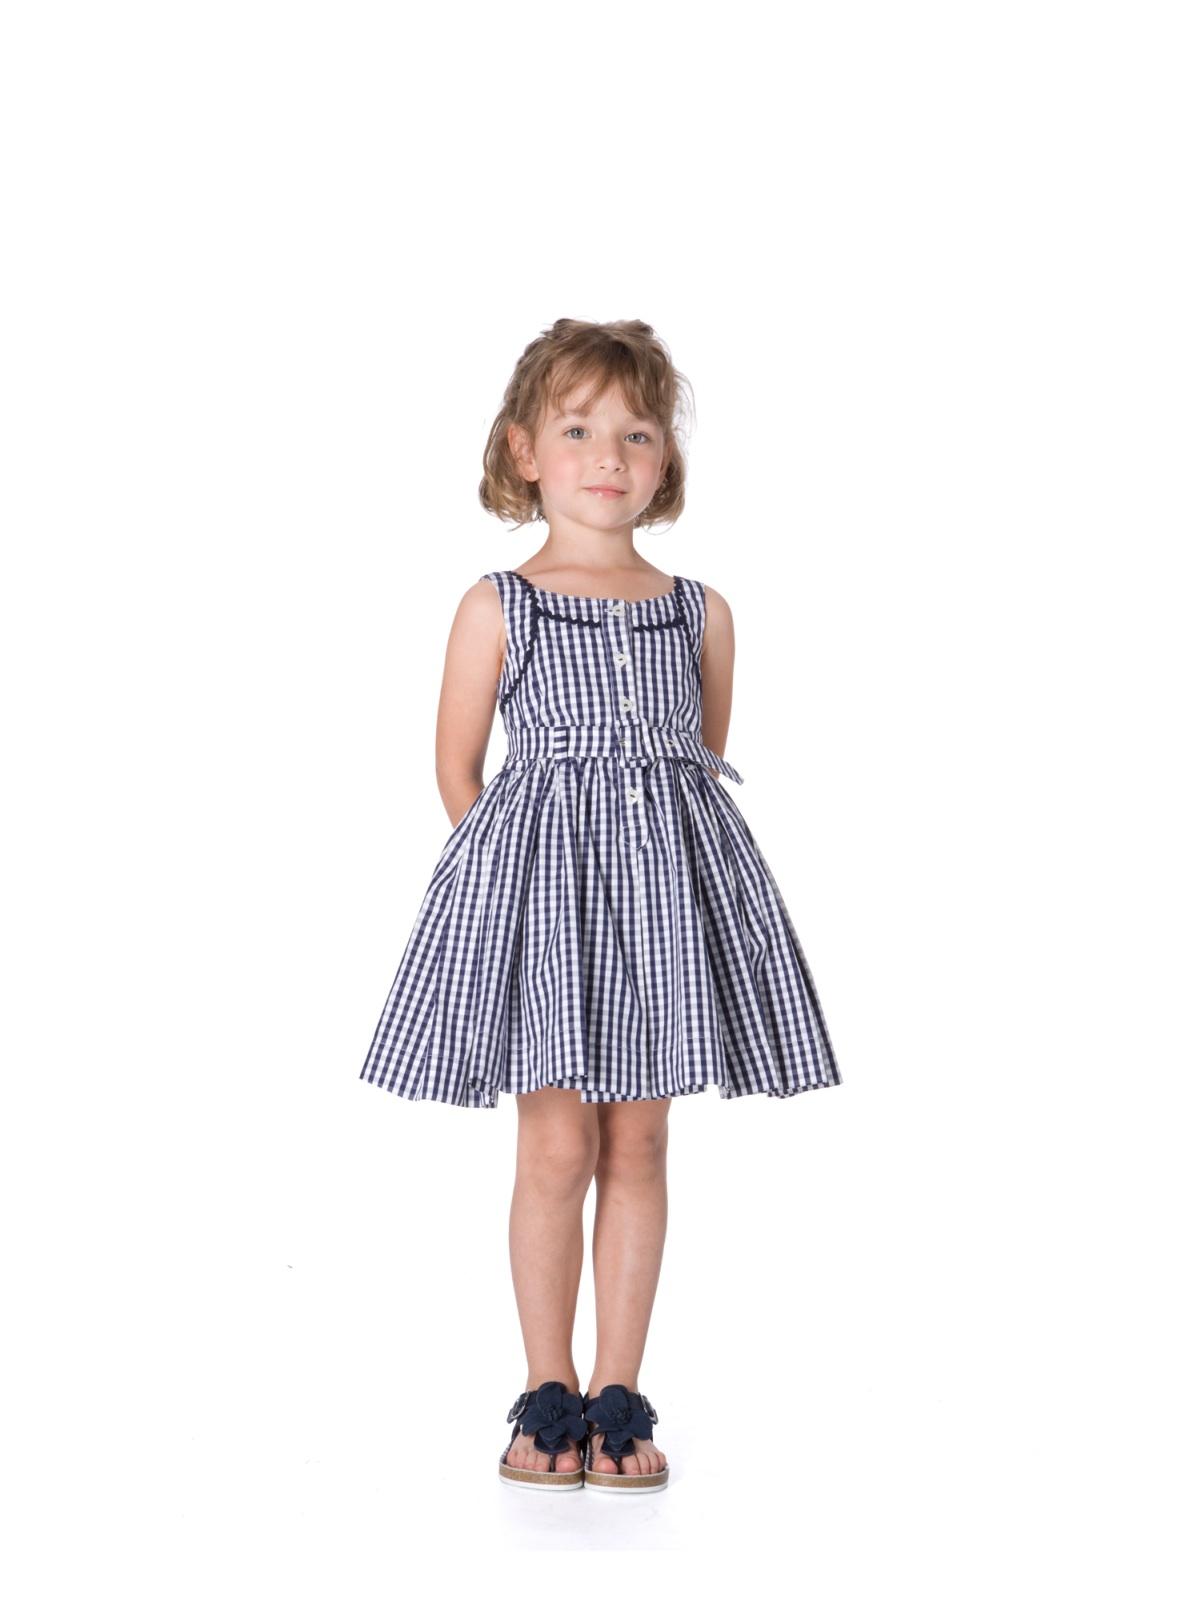 Описание детская одежда прошлое и